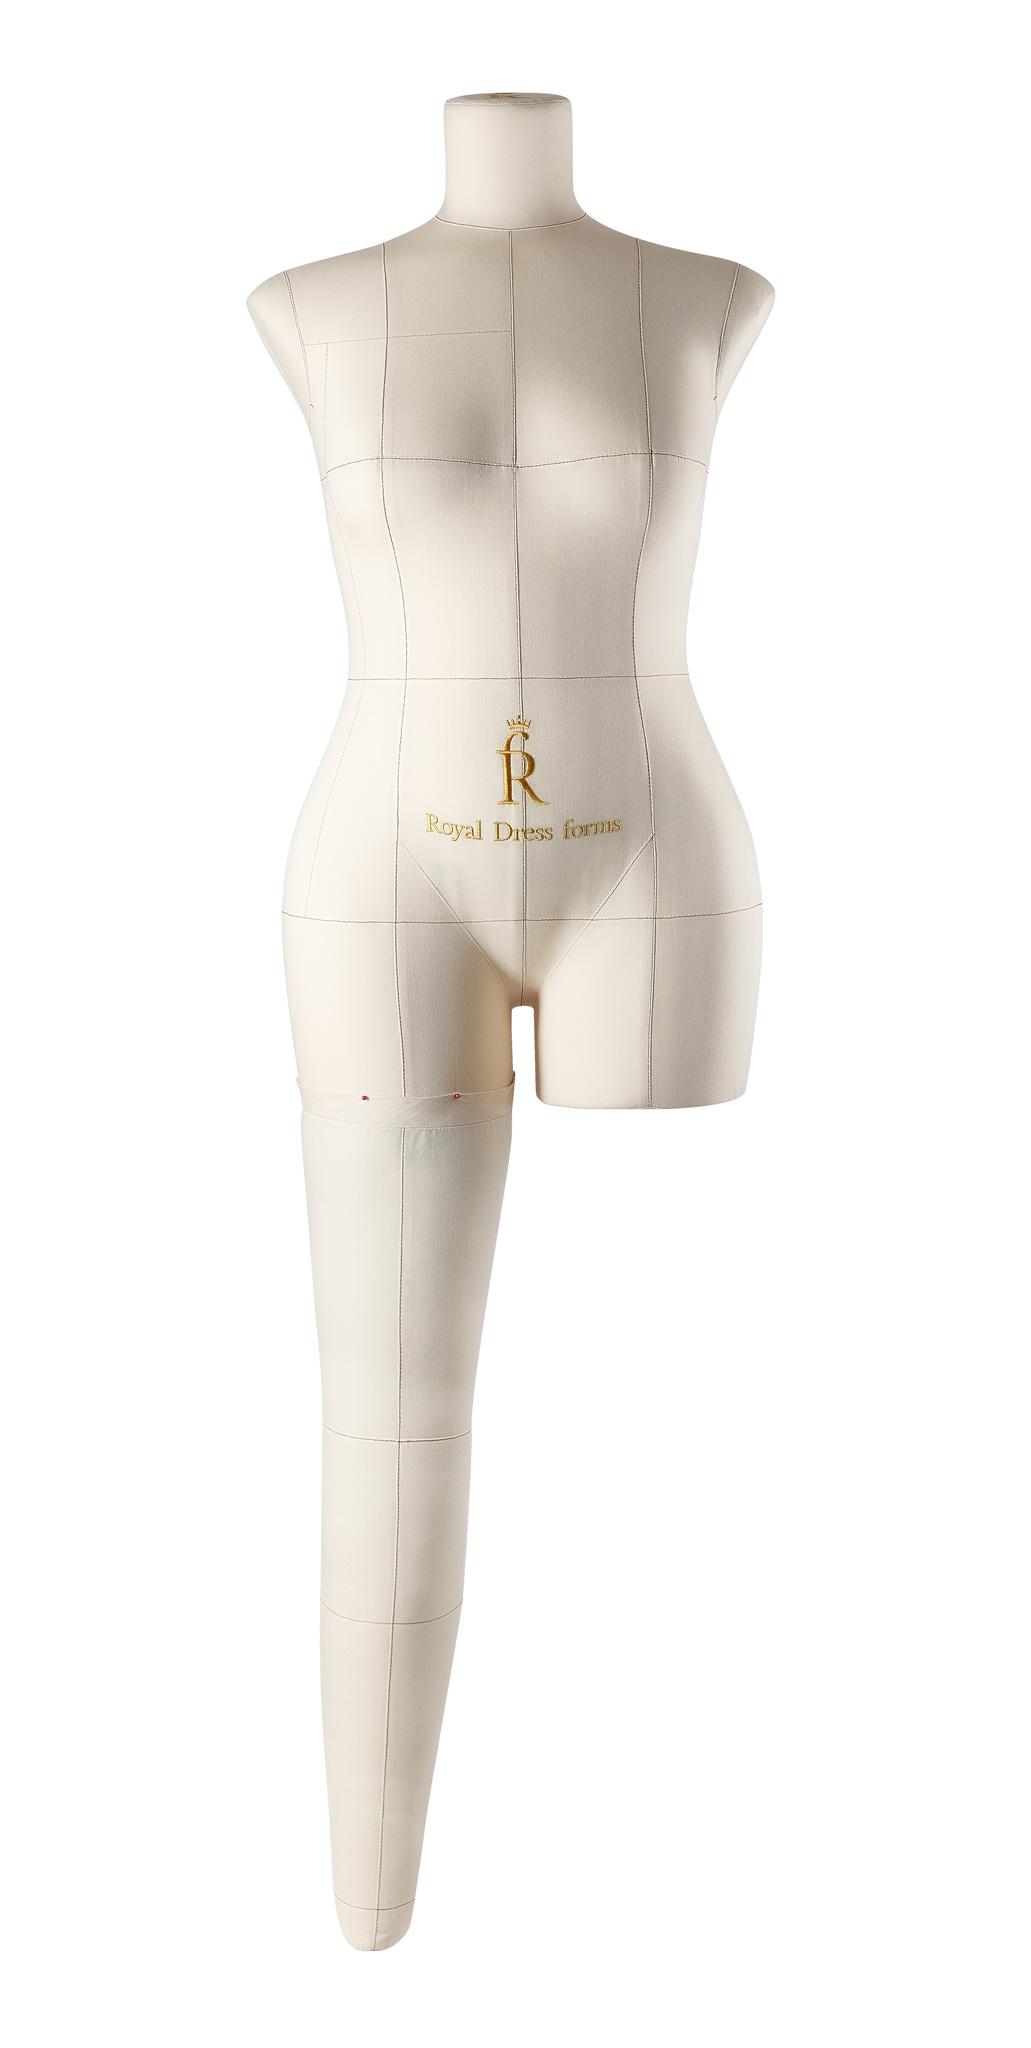 Нога бежевая для манекена Моника, 46 размер